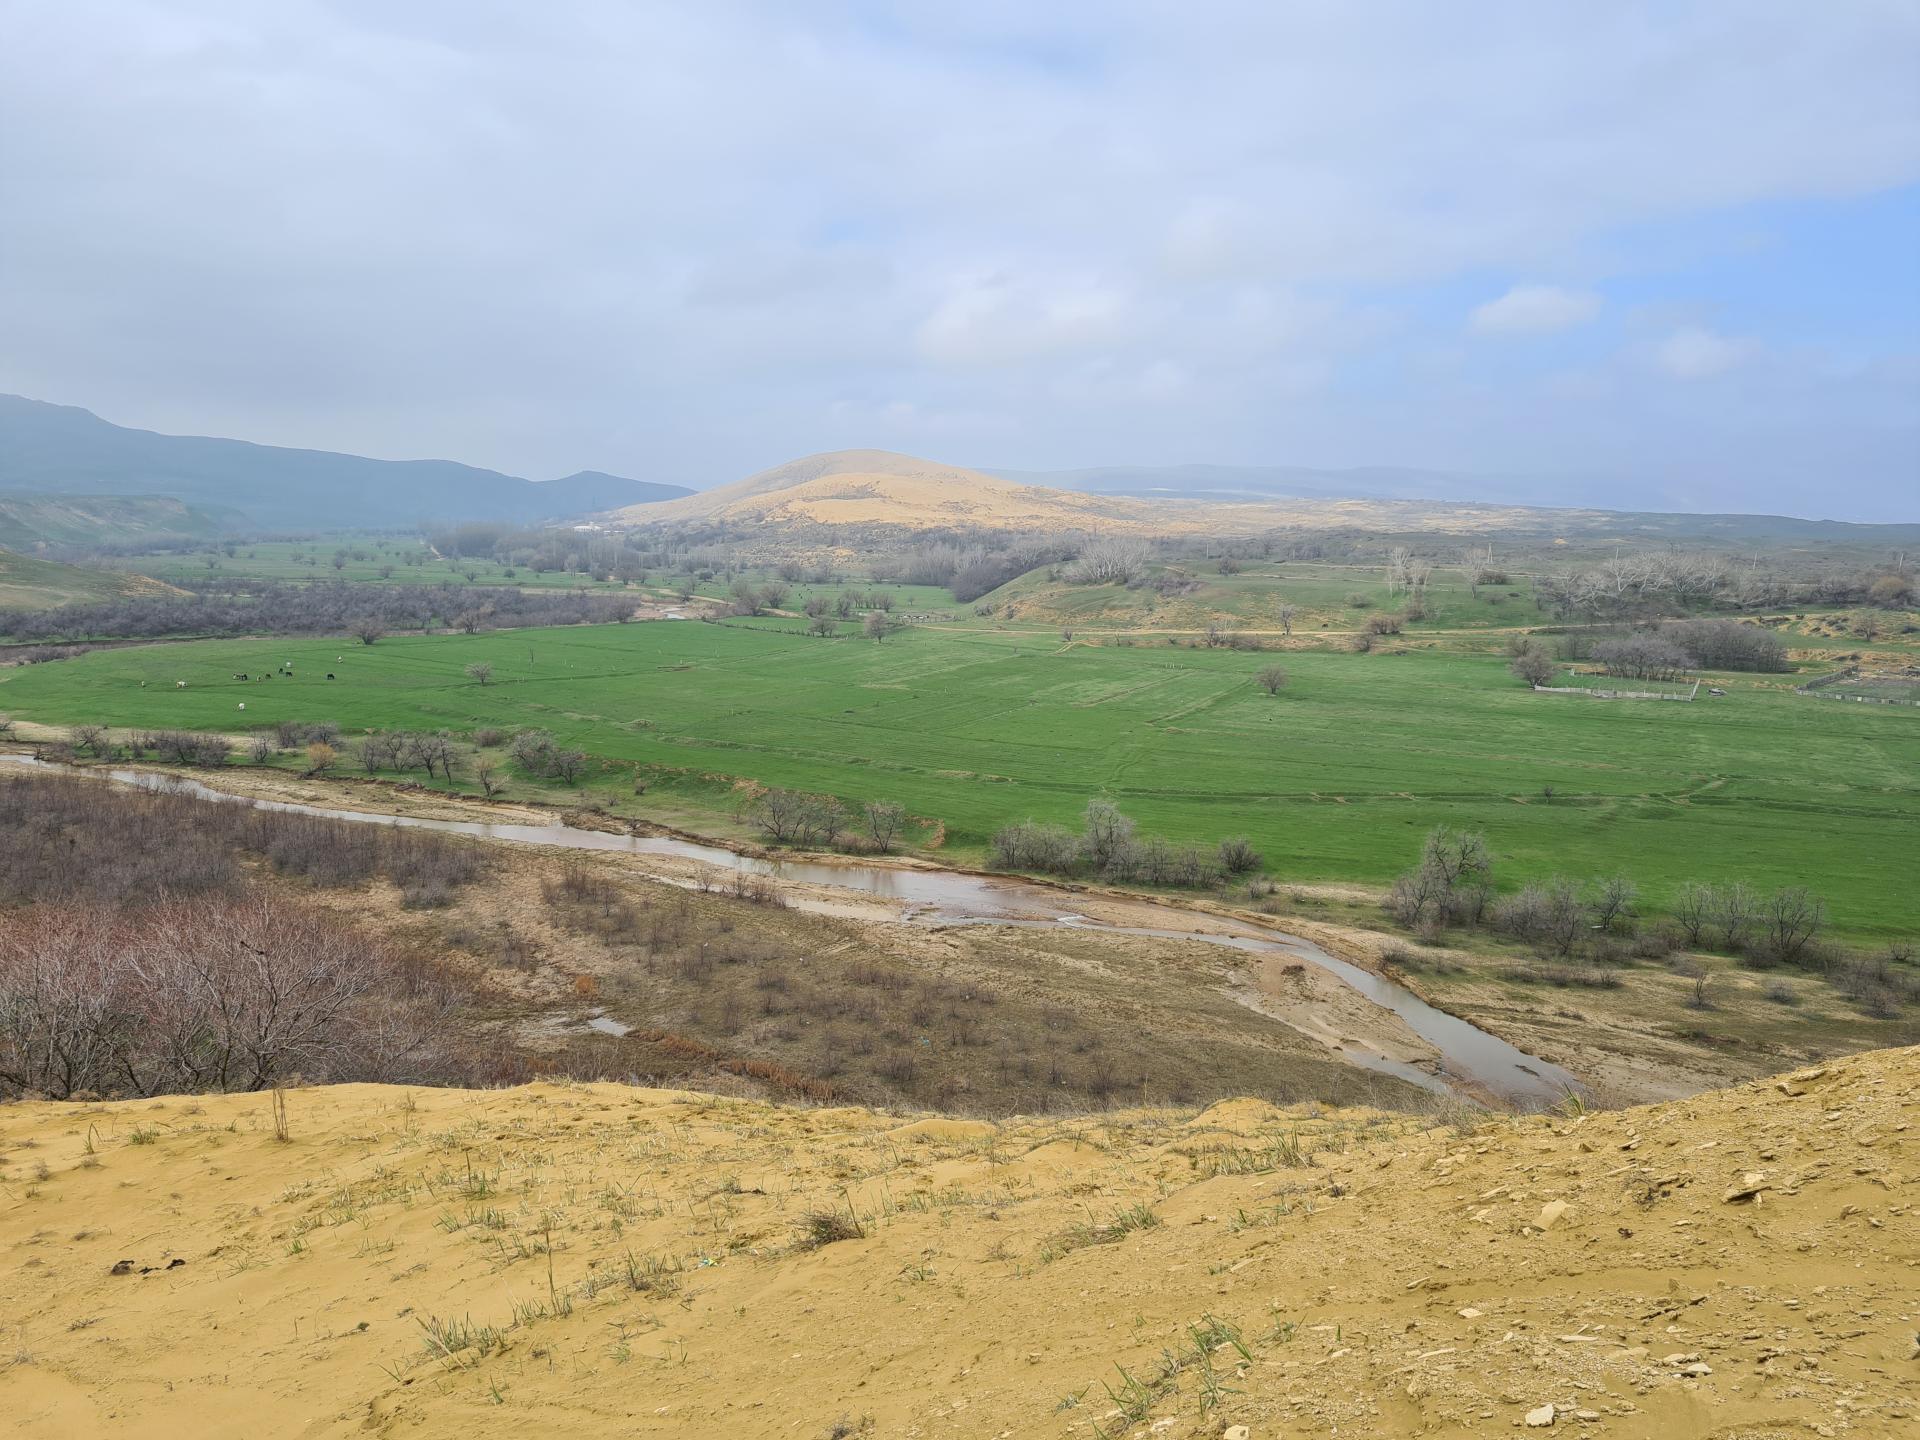 бархан Сарыкум в Дагестане